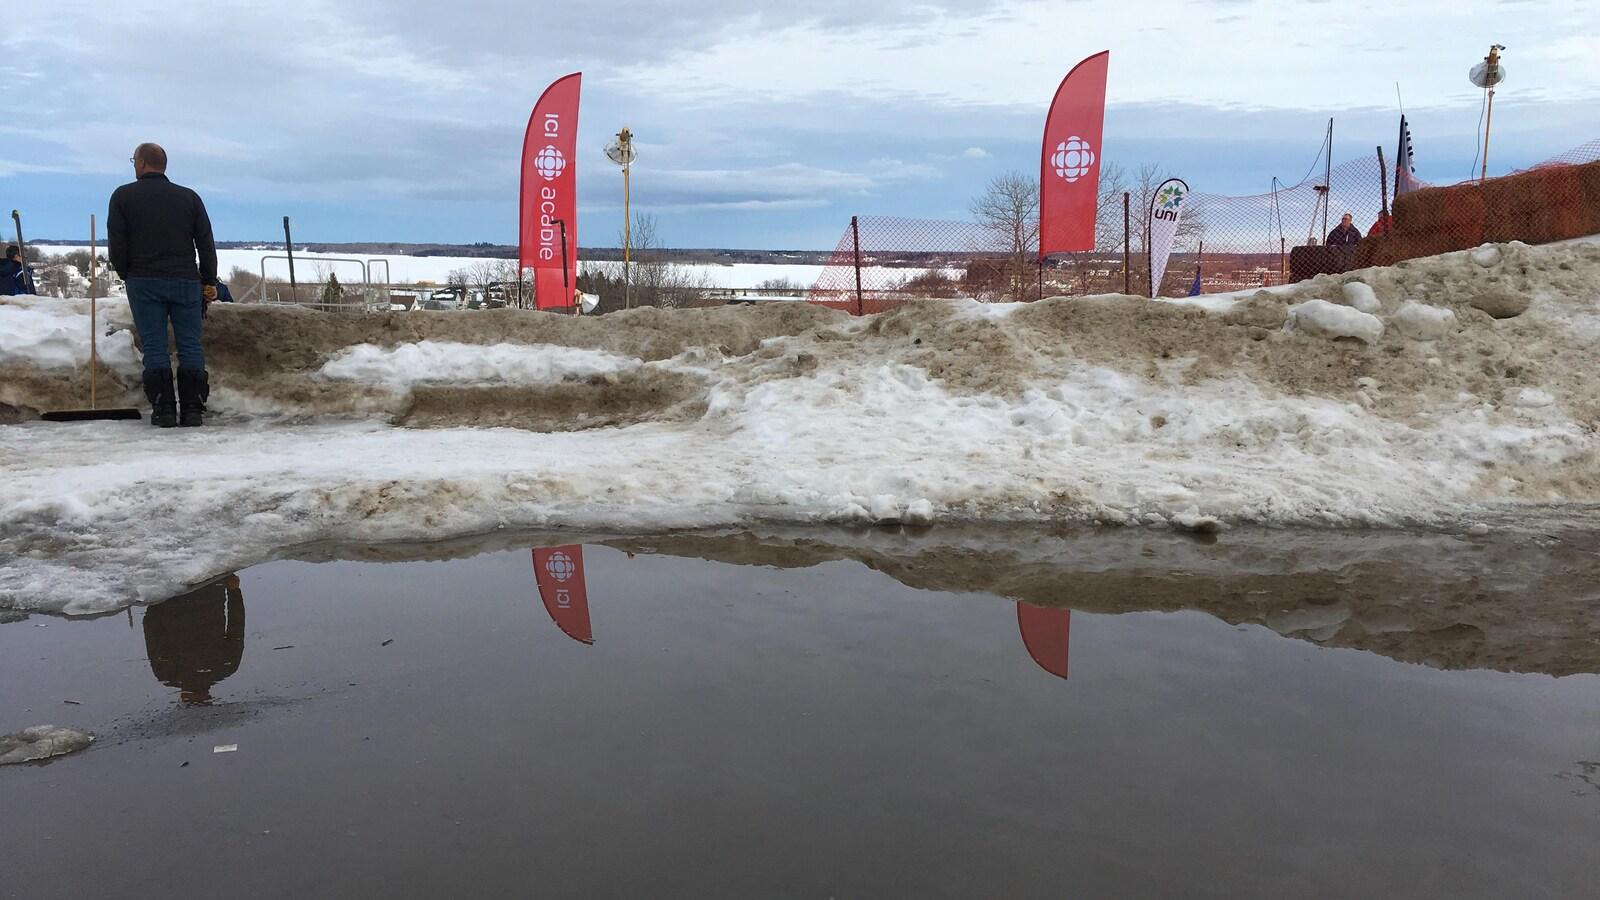 Piste de patinage extrême réduite en eau